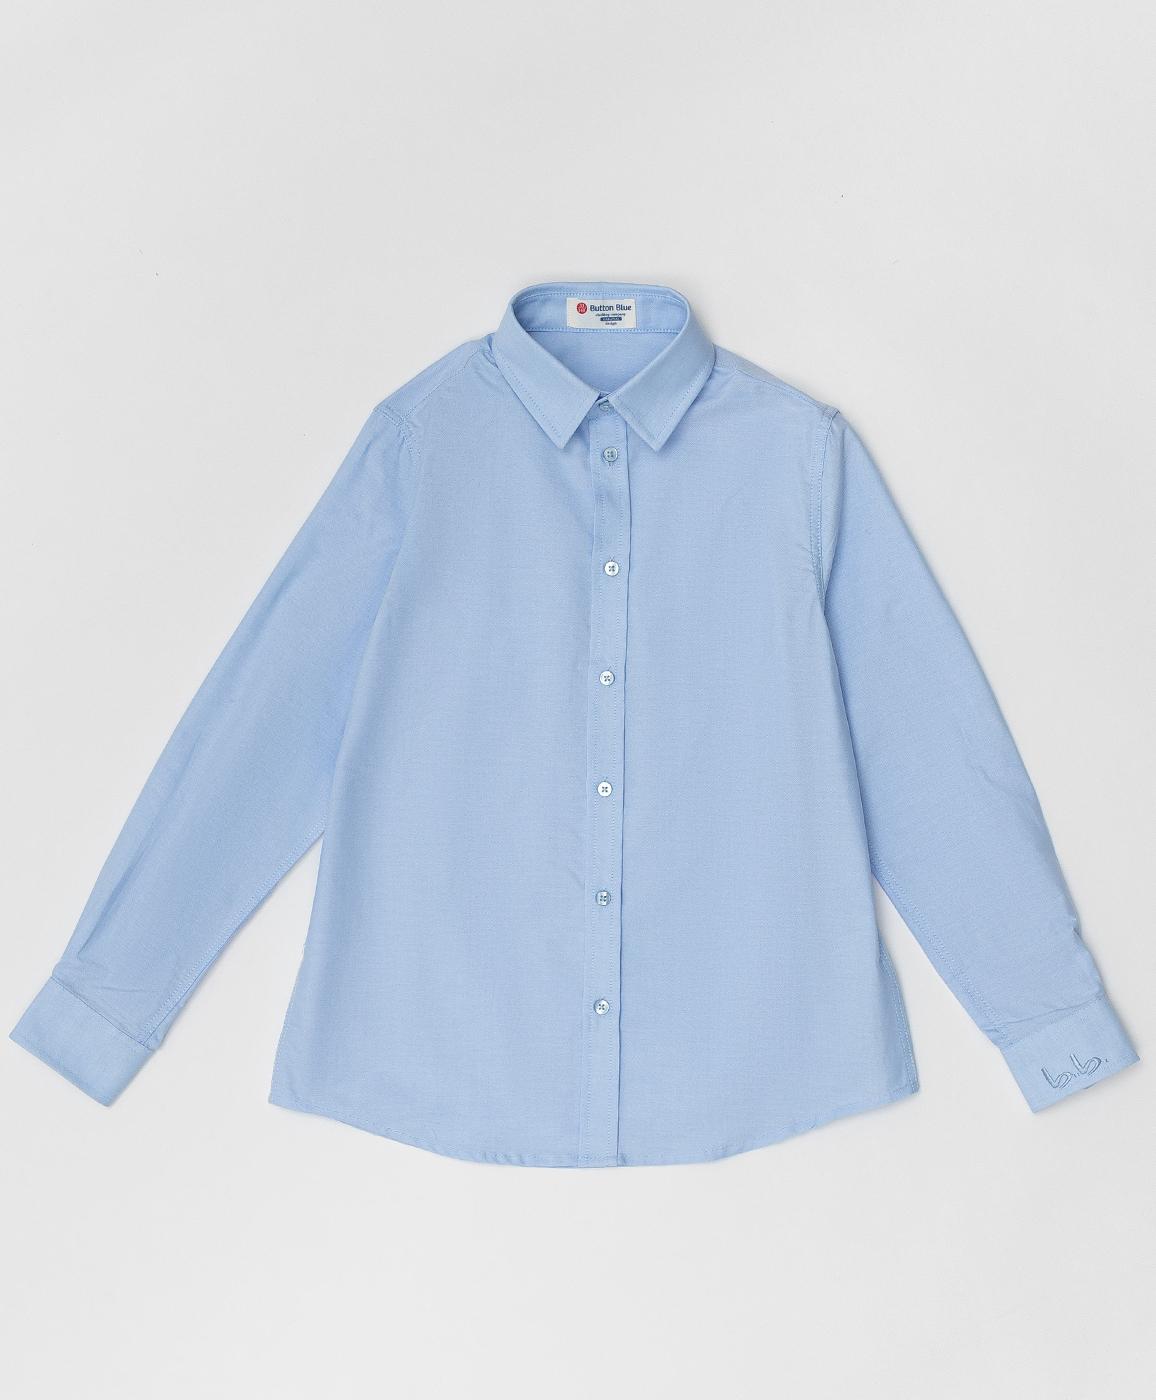 Купить 220BBBS23021800, Голубая рубашка Button Blue, голубой, 140, Хлопок, Мужской, Демисезон, ШКОЛЬНАЯ ФОРМА 2020-2021 (shop: GulliverMarket Gulliver Market)